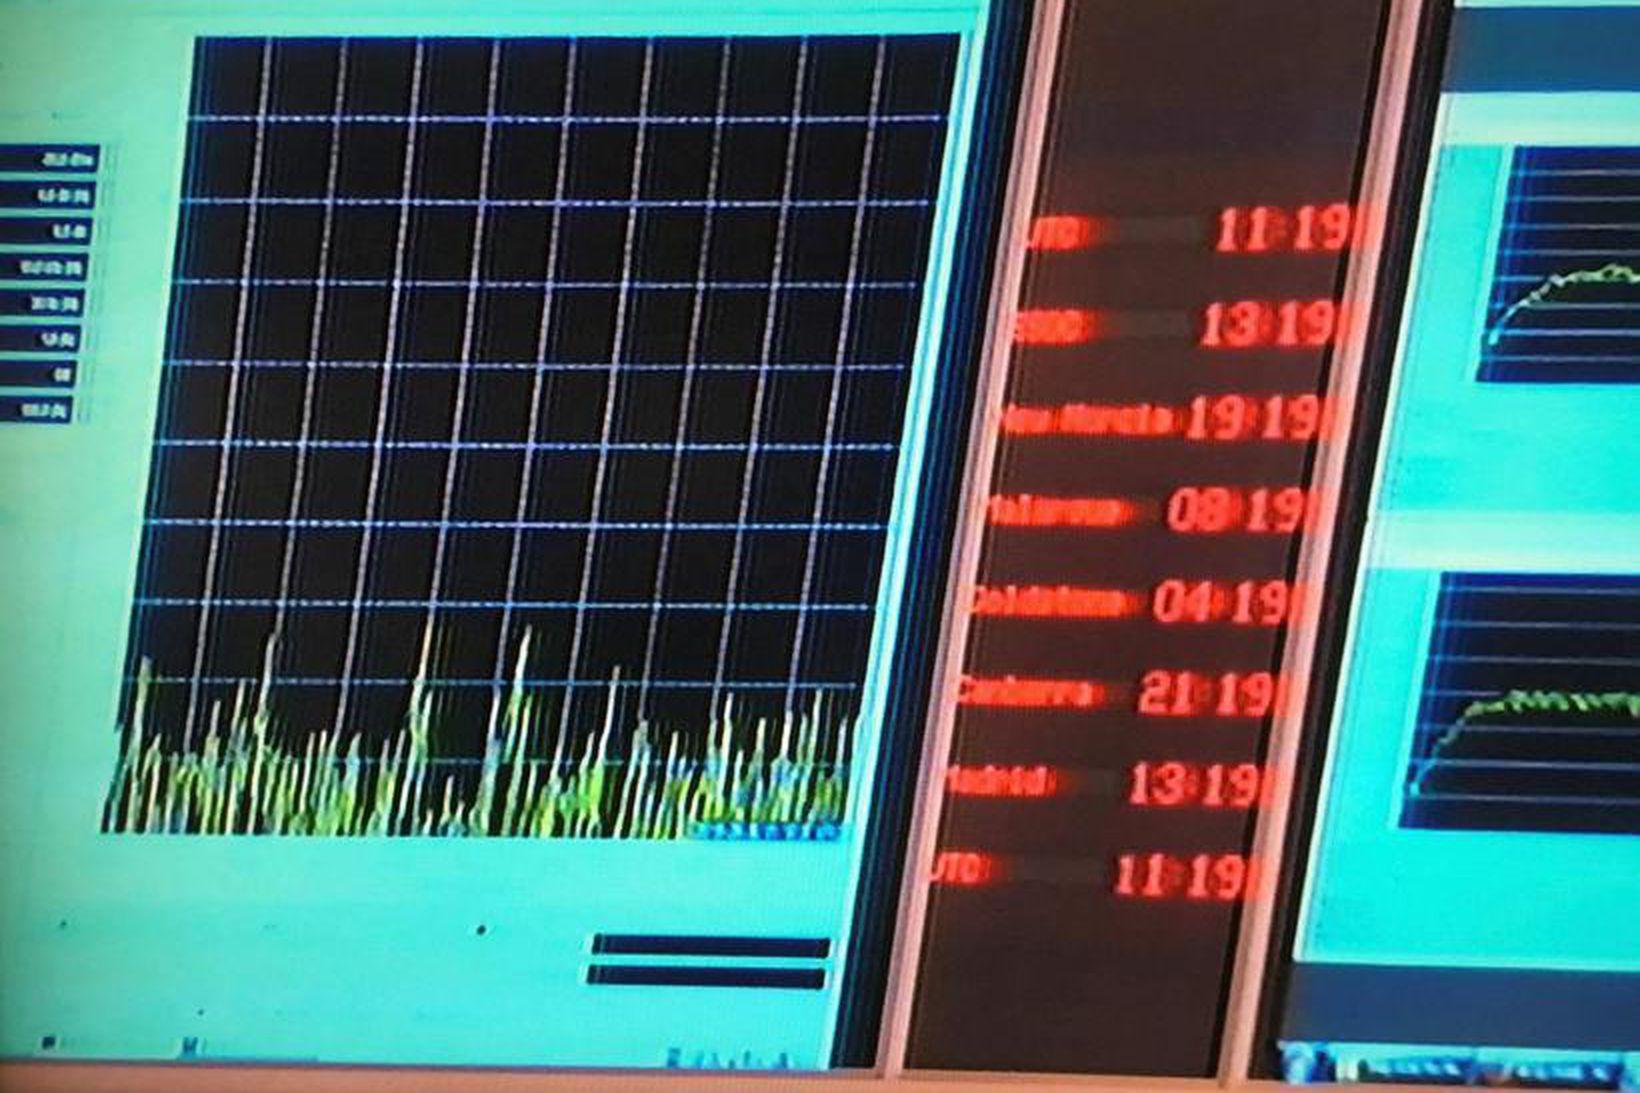 ESA missti samband við Rosettu kl. 11:19 að íslenskum tíma …